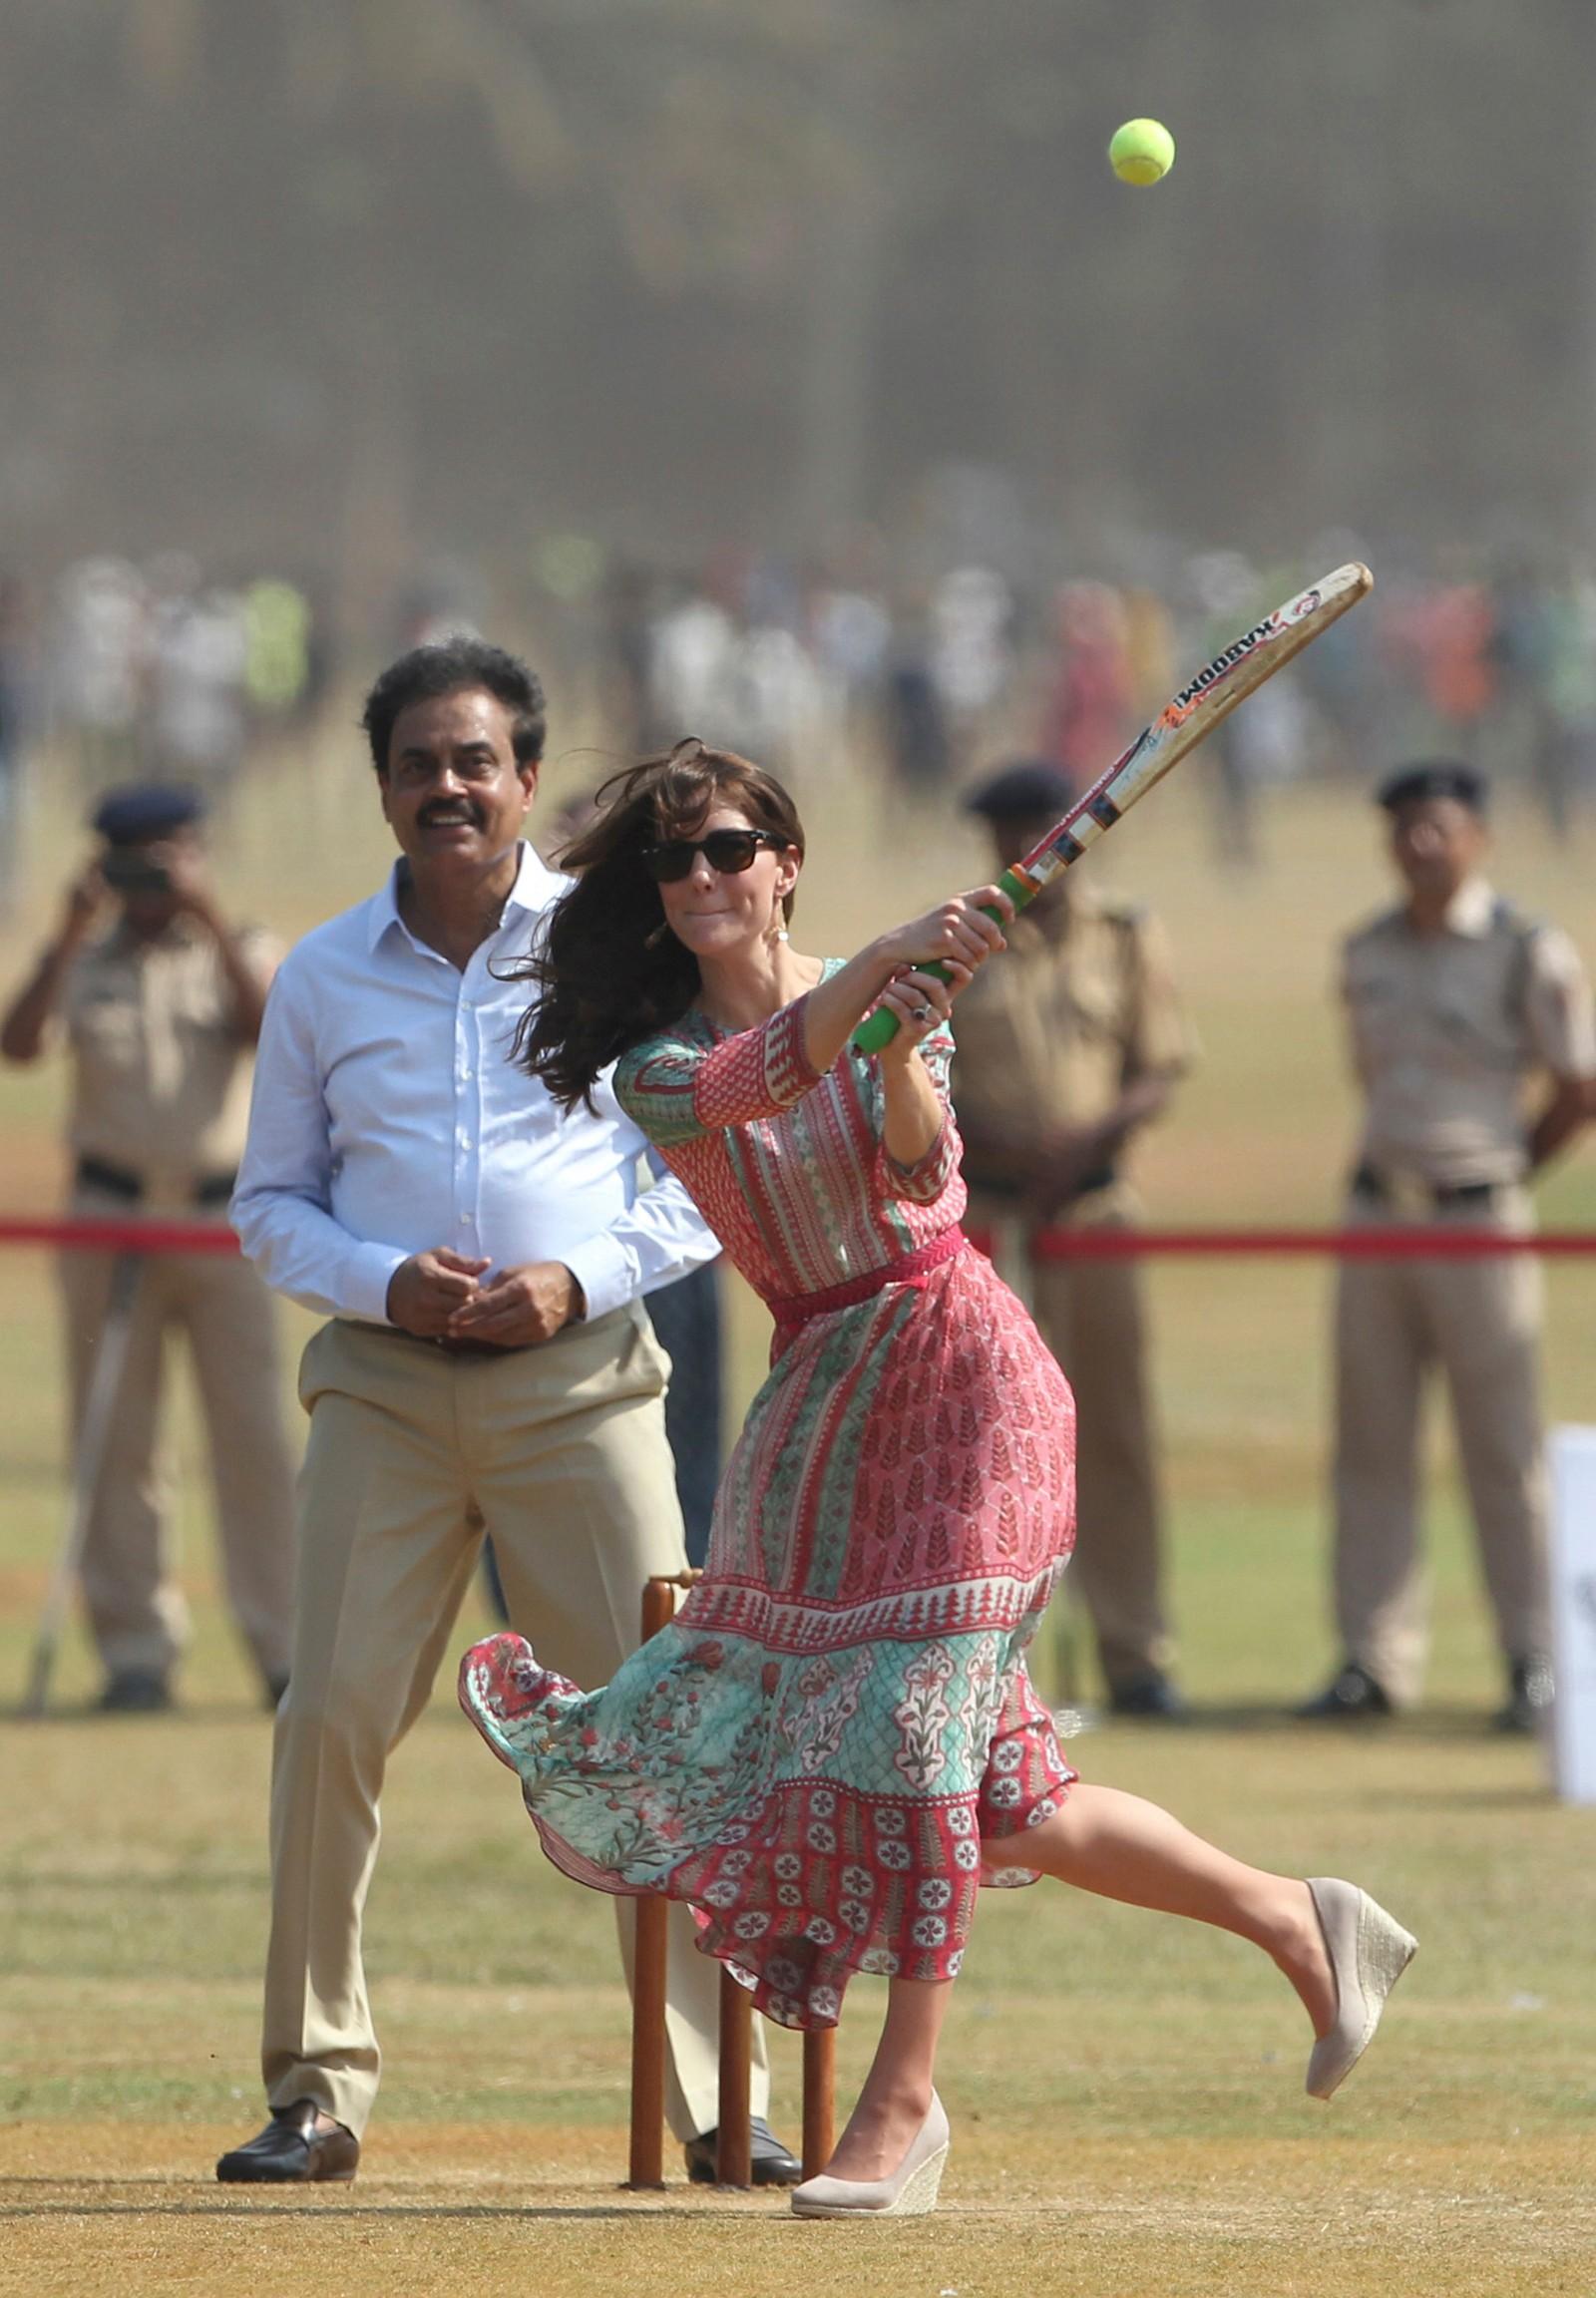 SPORTSLIG ANLAGT: Kate, hertuginnen av Cambridge, spiller cricket i Mumbai i India, mens tidligere landslagskaptein, Dilip Vengsarkar, ser på. Prins William og kona er på besøk i India denne uka.